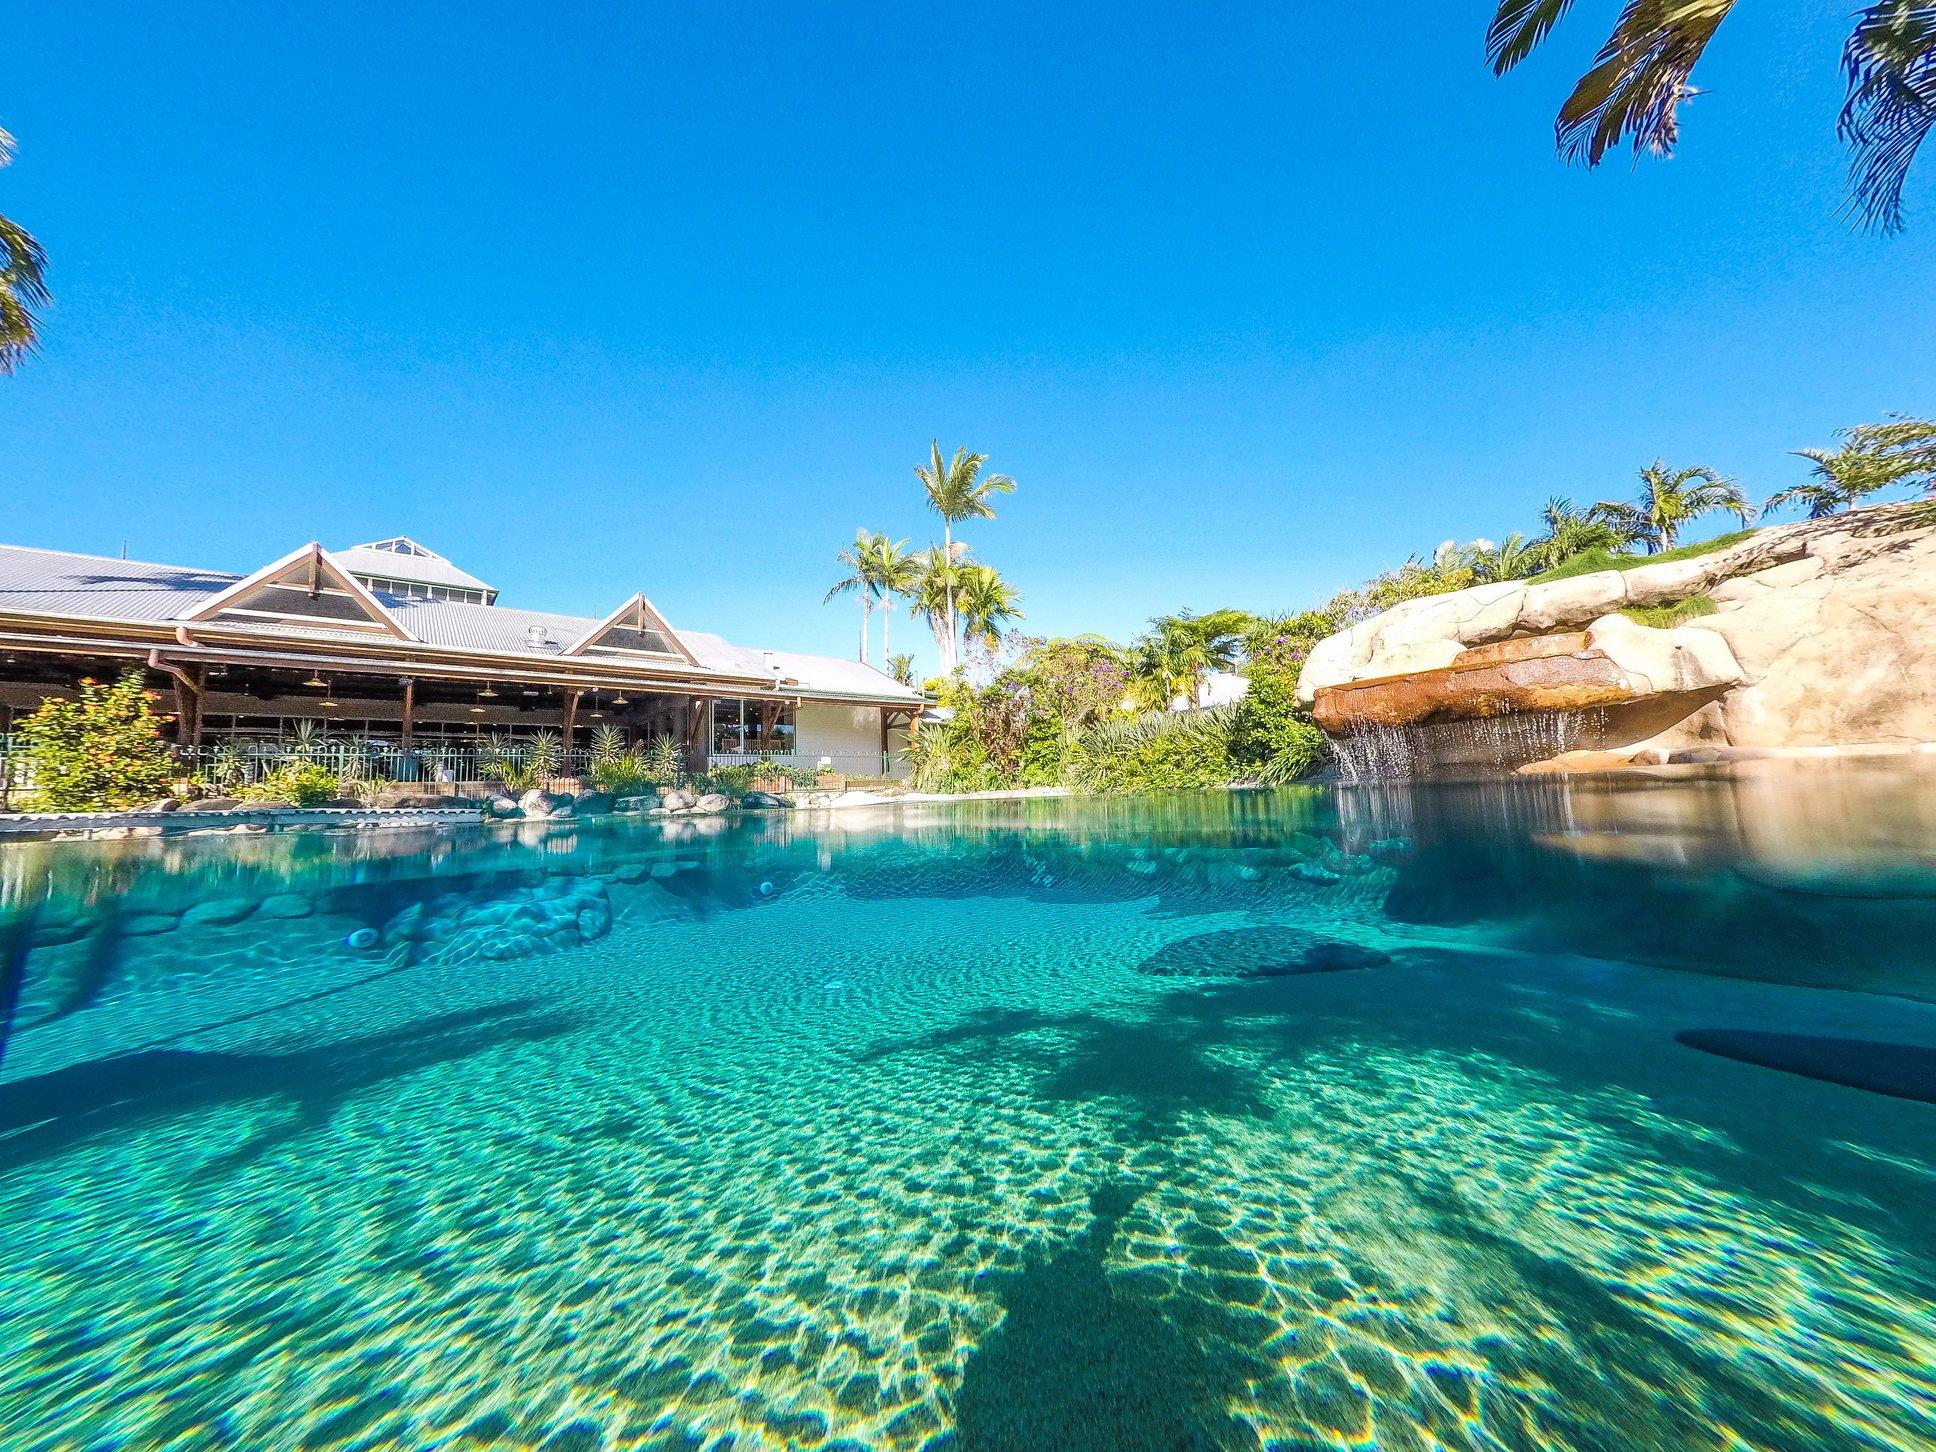 5 Best Cairns & Port Douglas Wedding Venues - Port Douglas ...